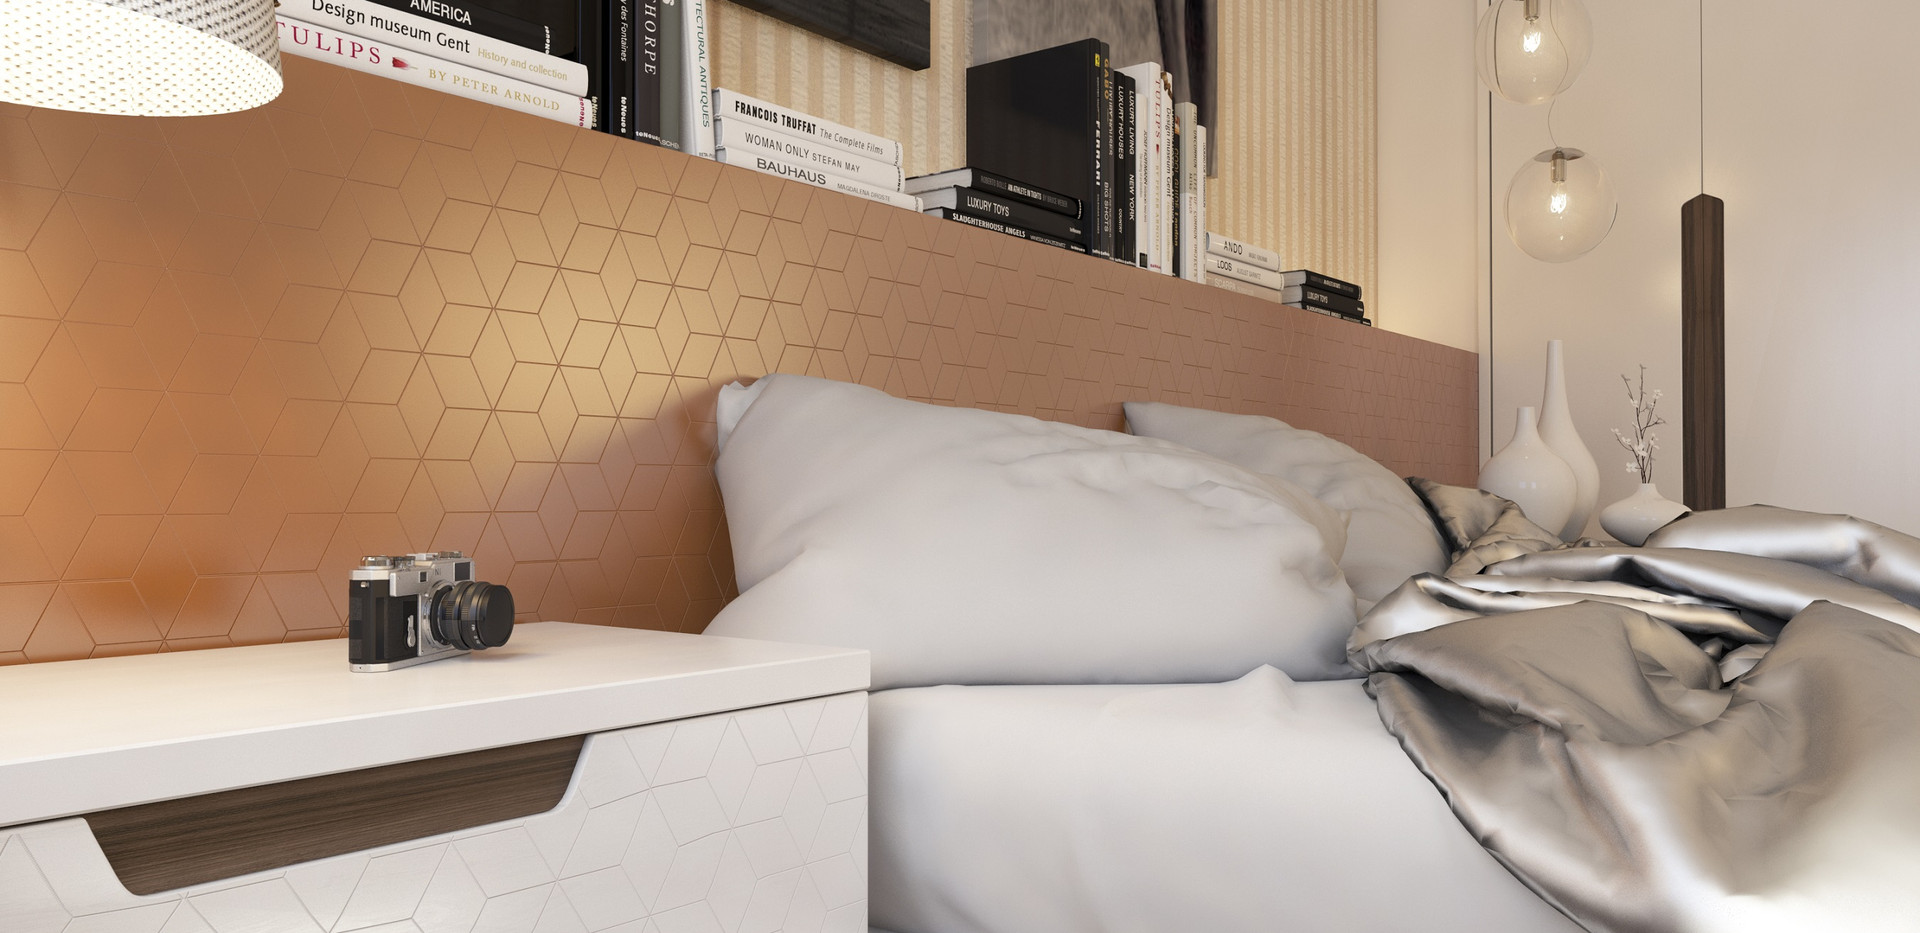 DOR20_dormitorio_quarto_guarda_roupa_móv